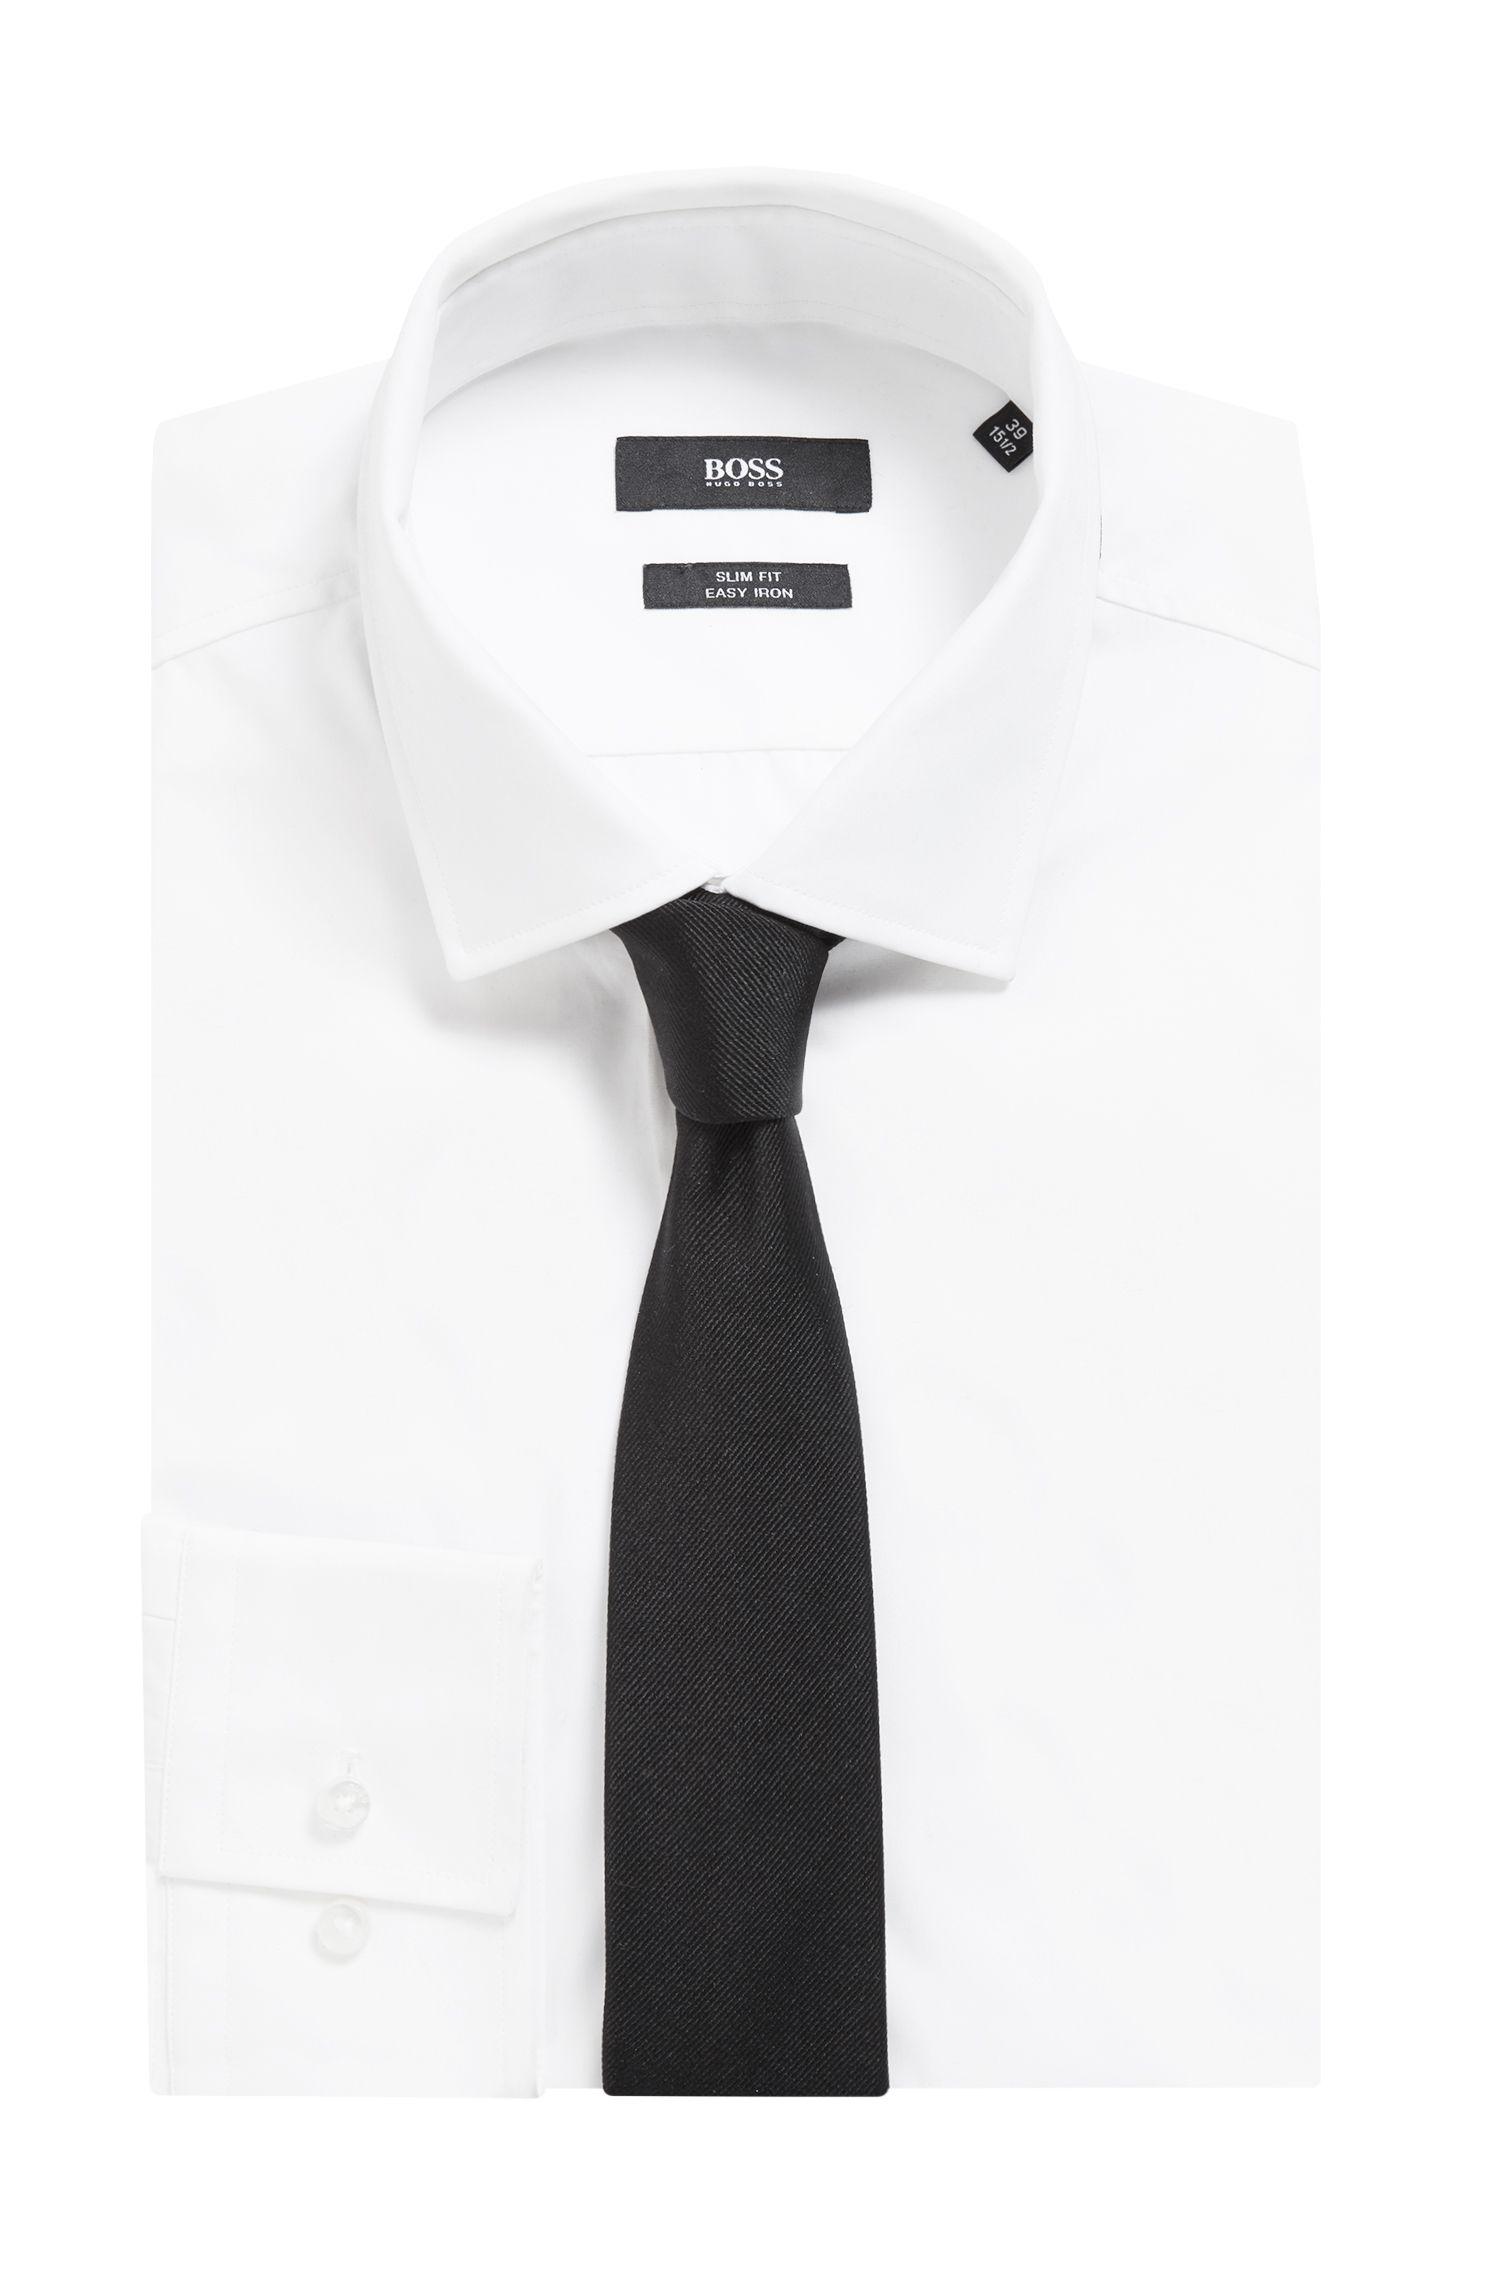 Cravate jacquard en soie au toucher satiné, Noir